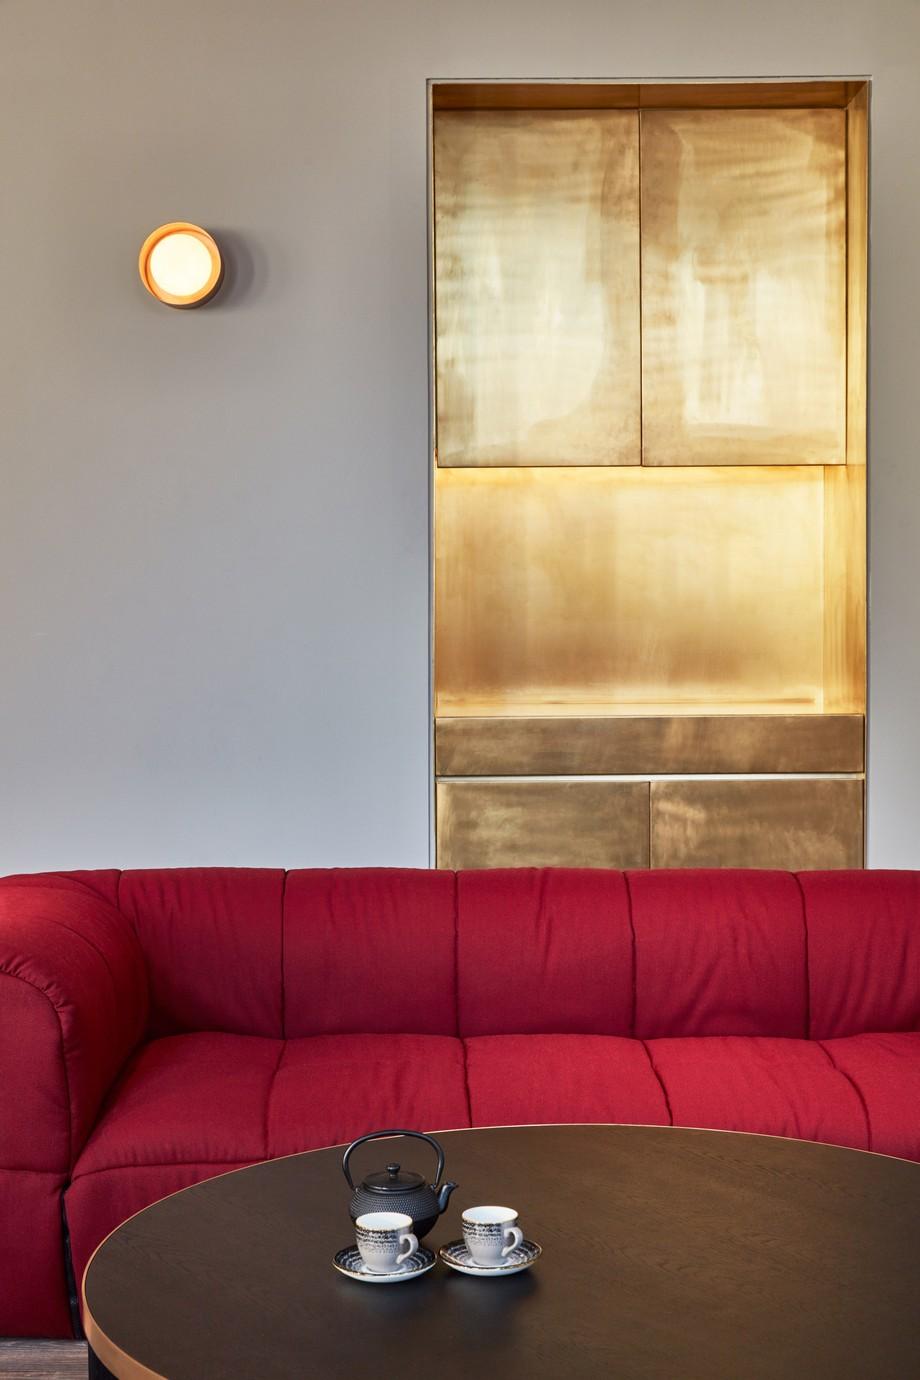 Một khu vực làm việc khá riêng tư với cánh cửa cùng được làm bằng chất liêu gỗ sồi màu vàng nhạt